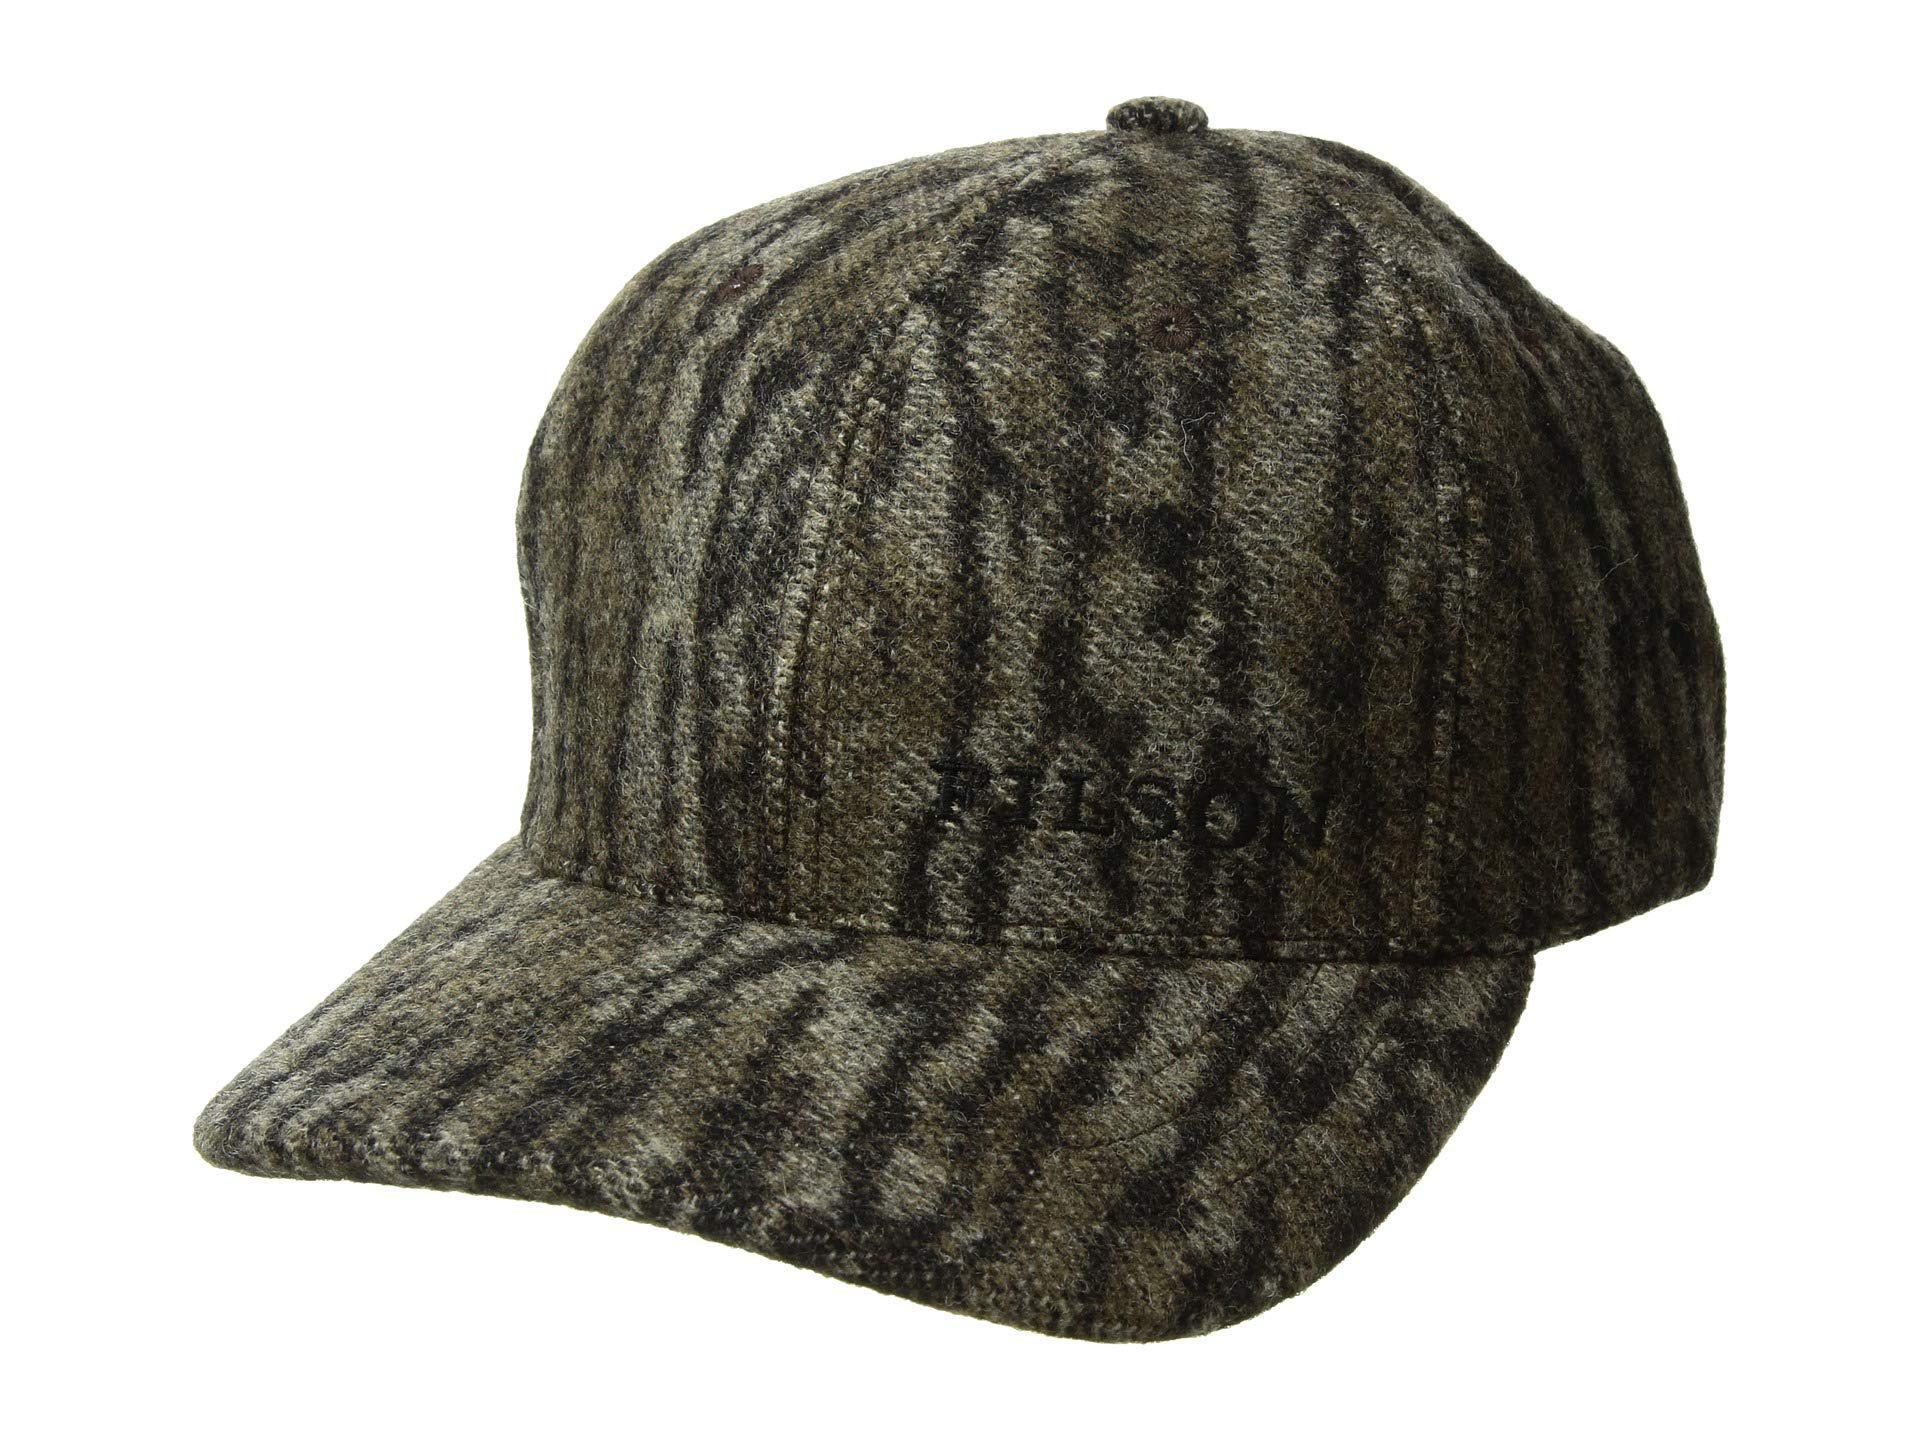 7d1cee214a0 Lyst filson wool logger cap bottom land caps for men jpg 1920x1440 Filson  wool cap